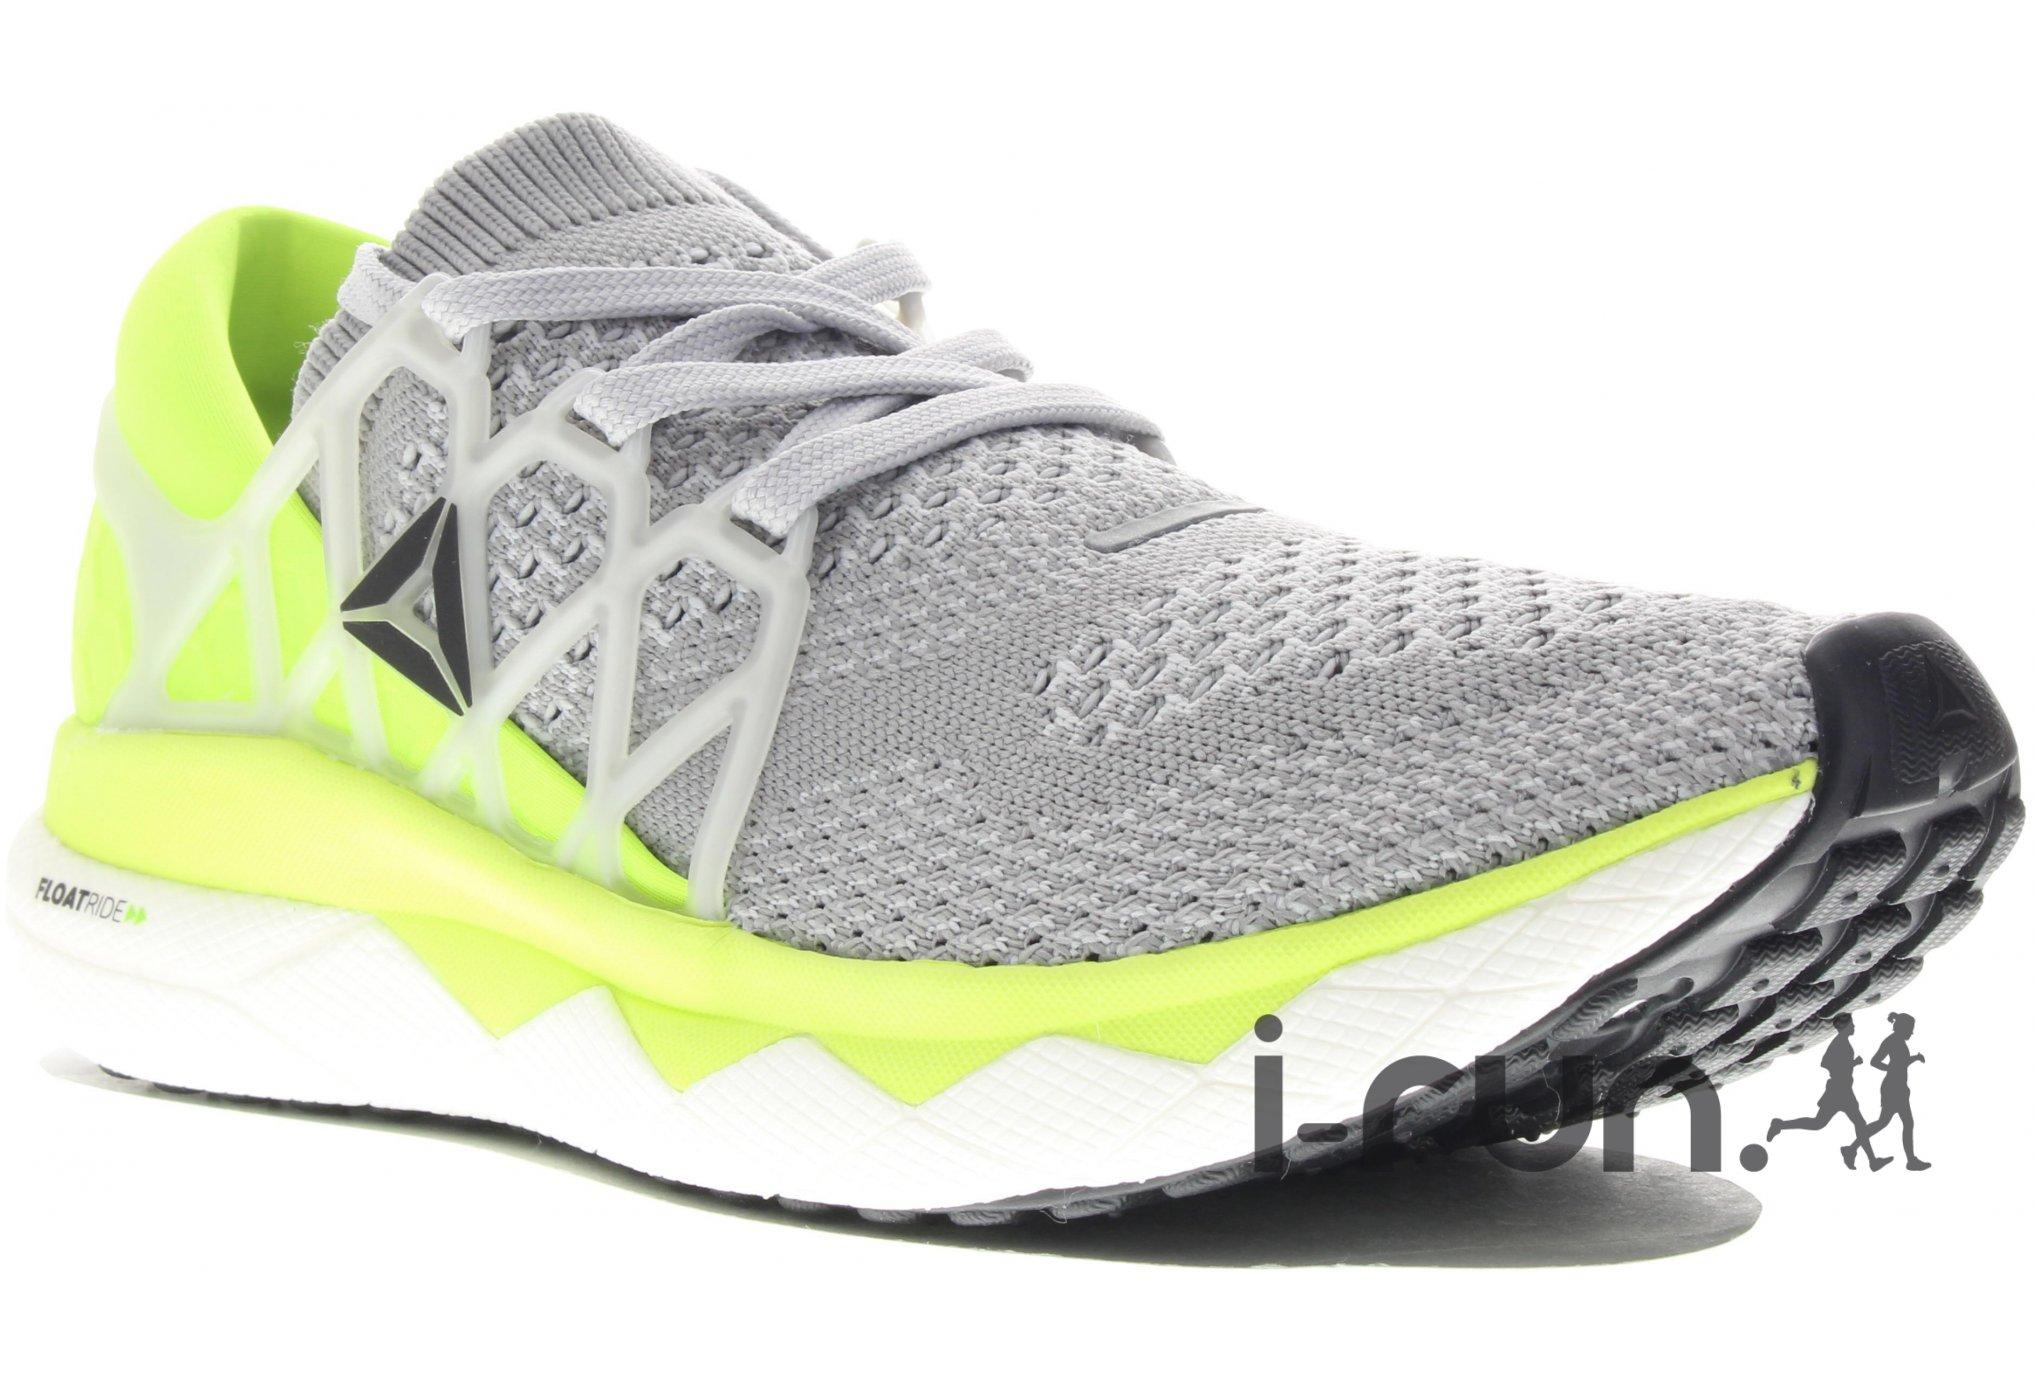 Reebok Floatride W Chaussures running femme